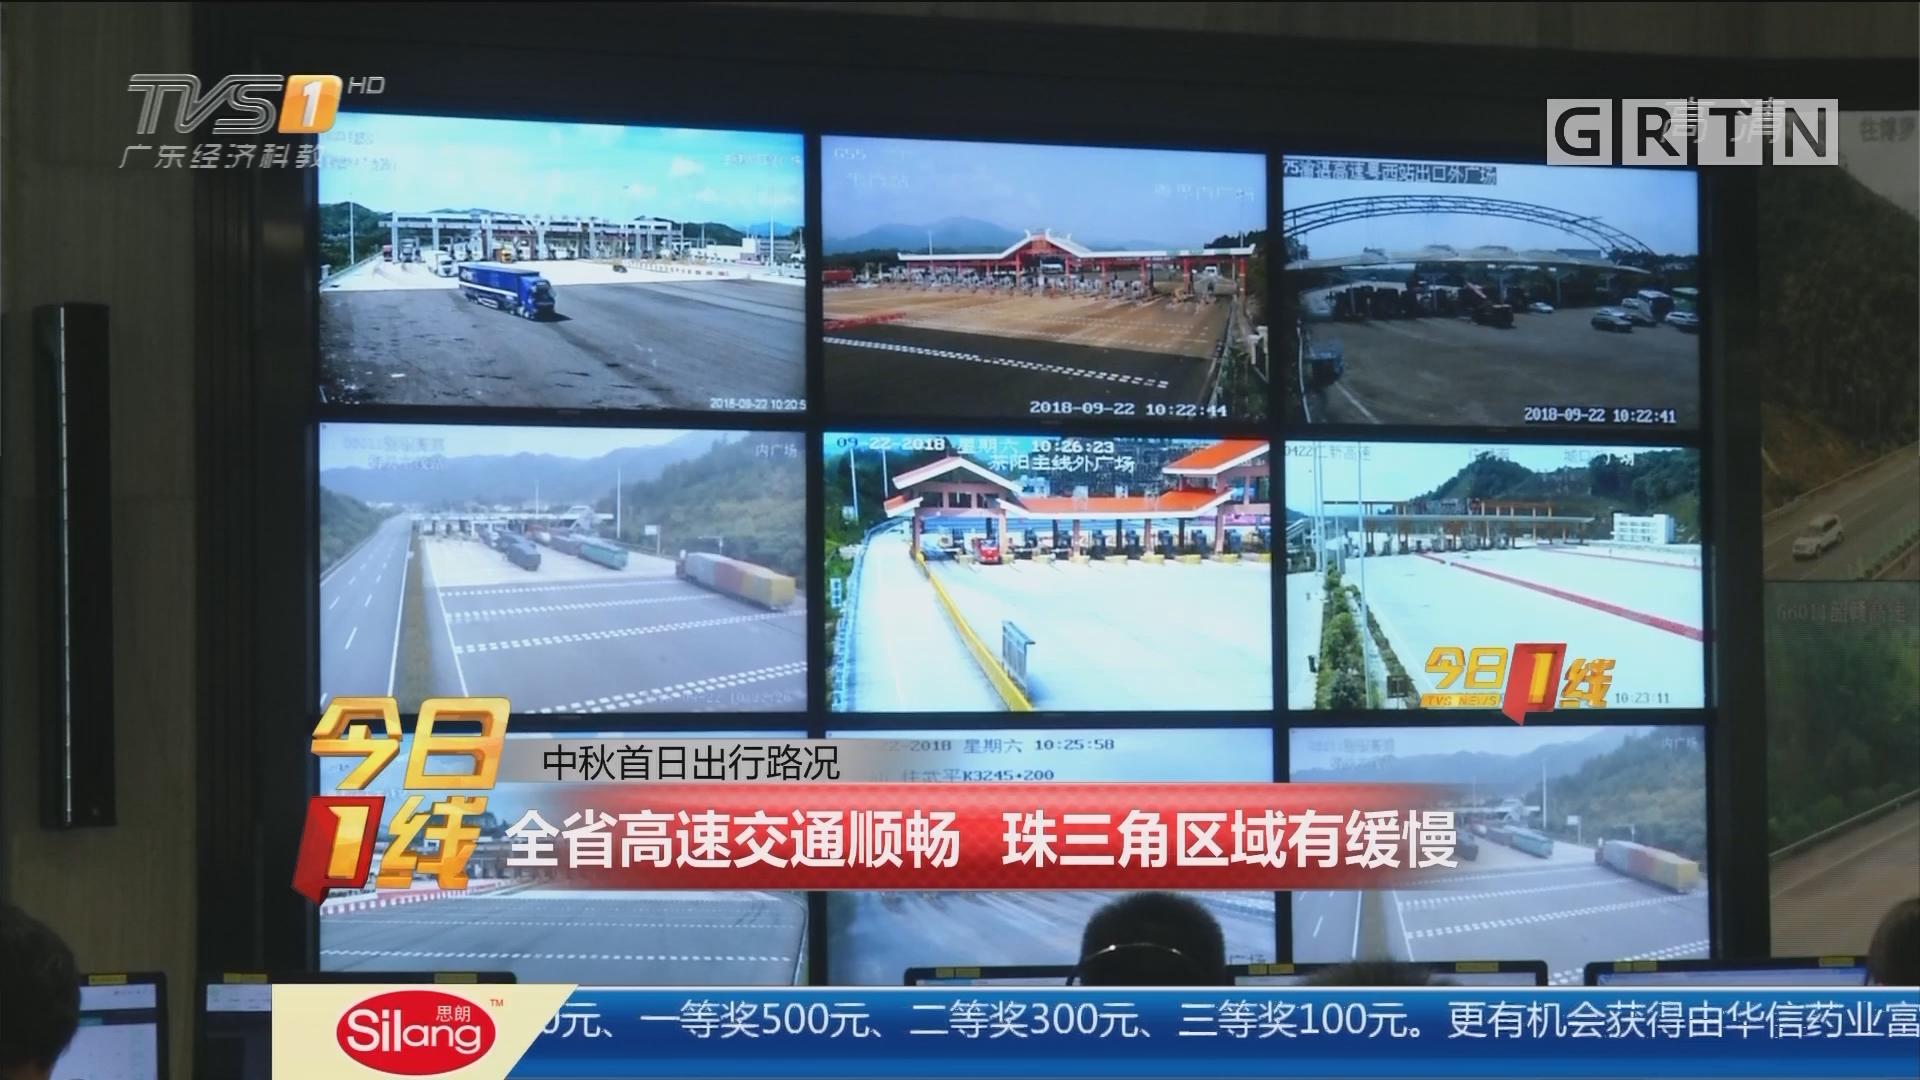 中秋首日出行路况:全省高速交通顺畅 珠三角区域有缓慢